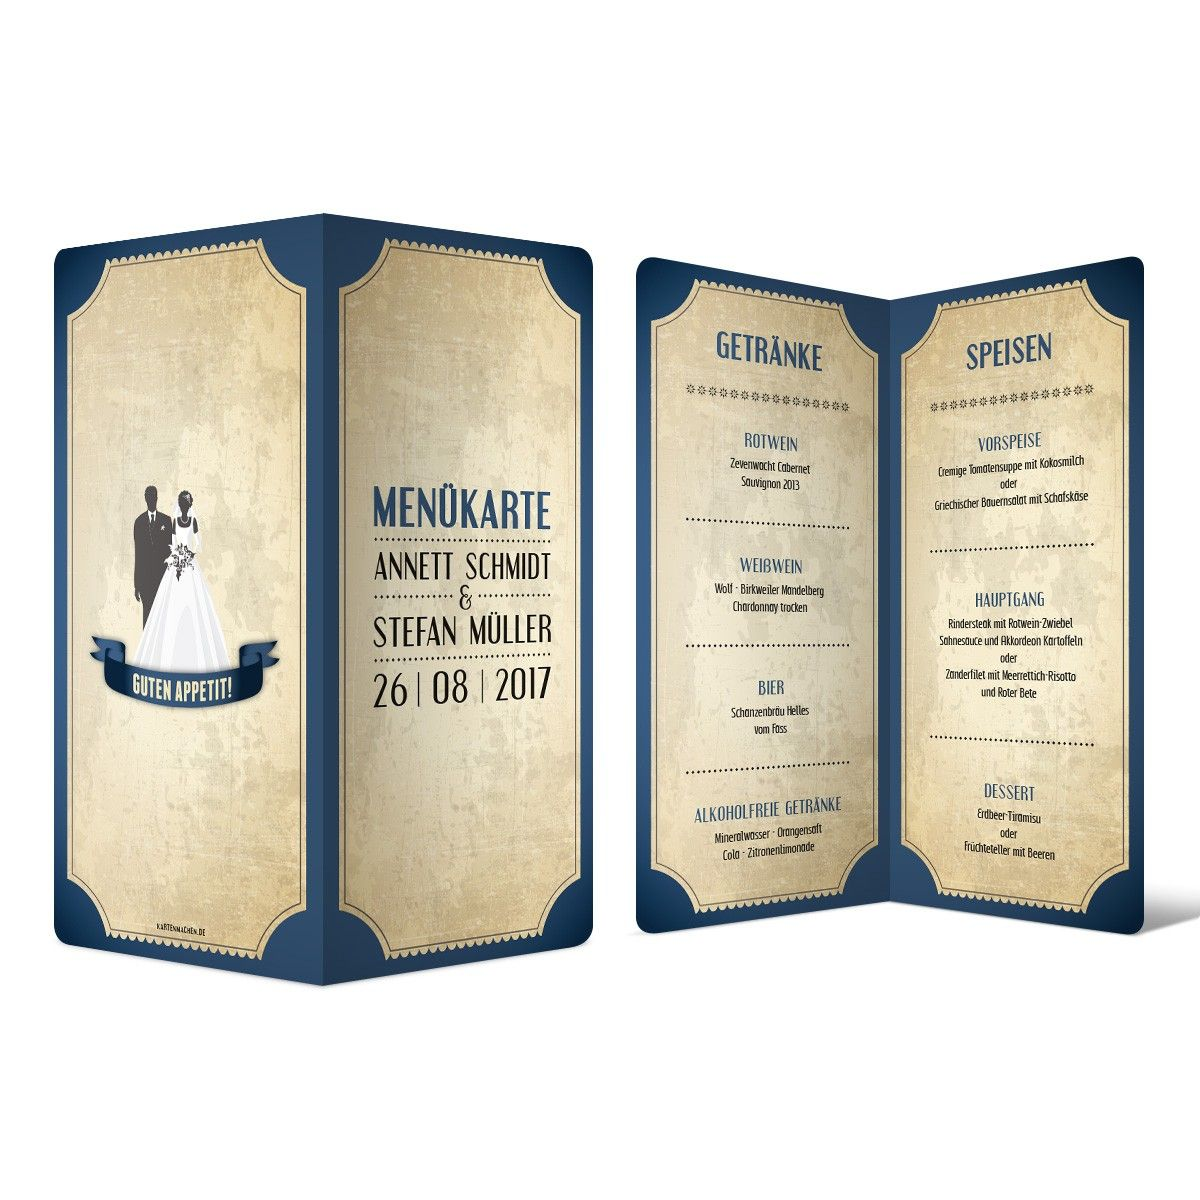 Menükarten zur Hochzeit - Vintage Brautpaar in Blau #menükarte #hochzeit #getränke #essen #speisen #drinks #mahlzeit #food #wedding #vintage #brautpaar #blau